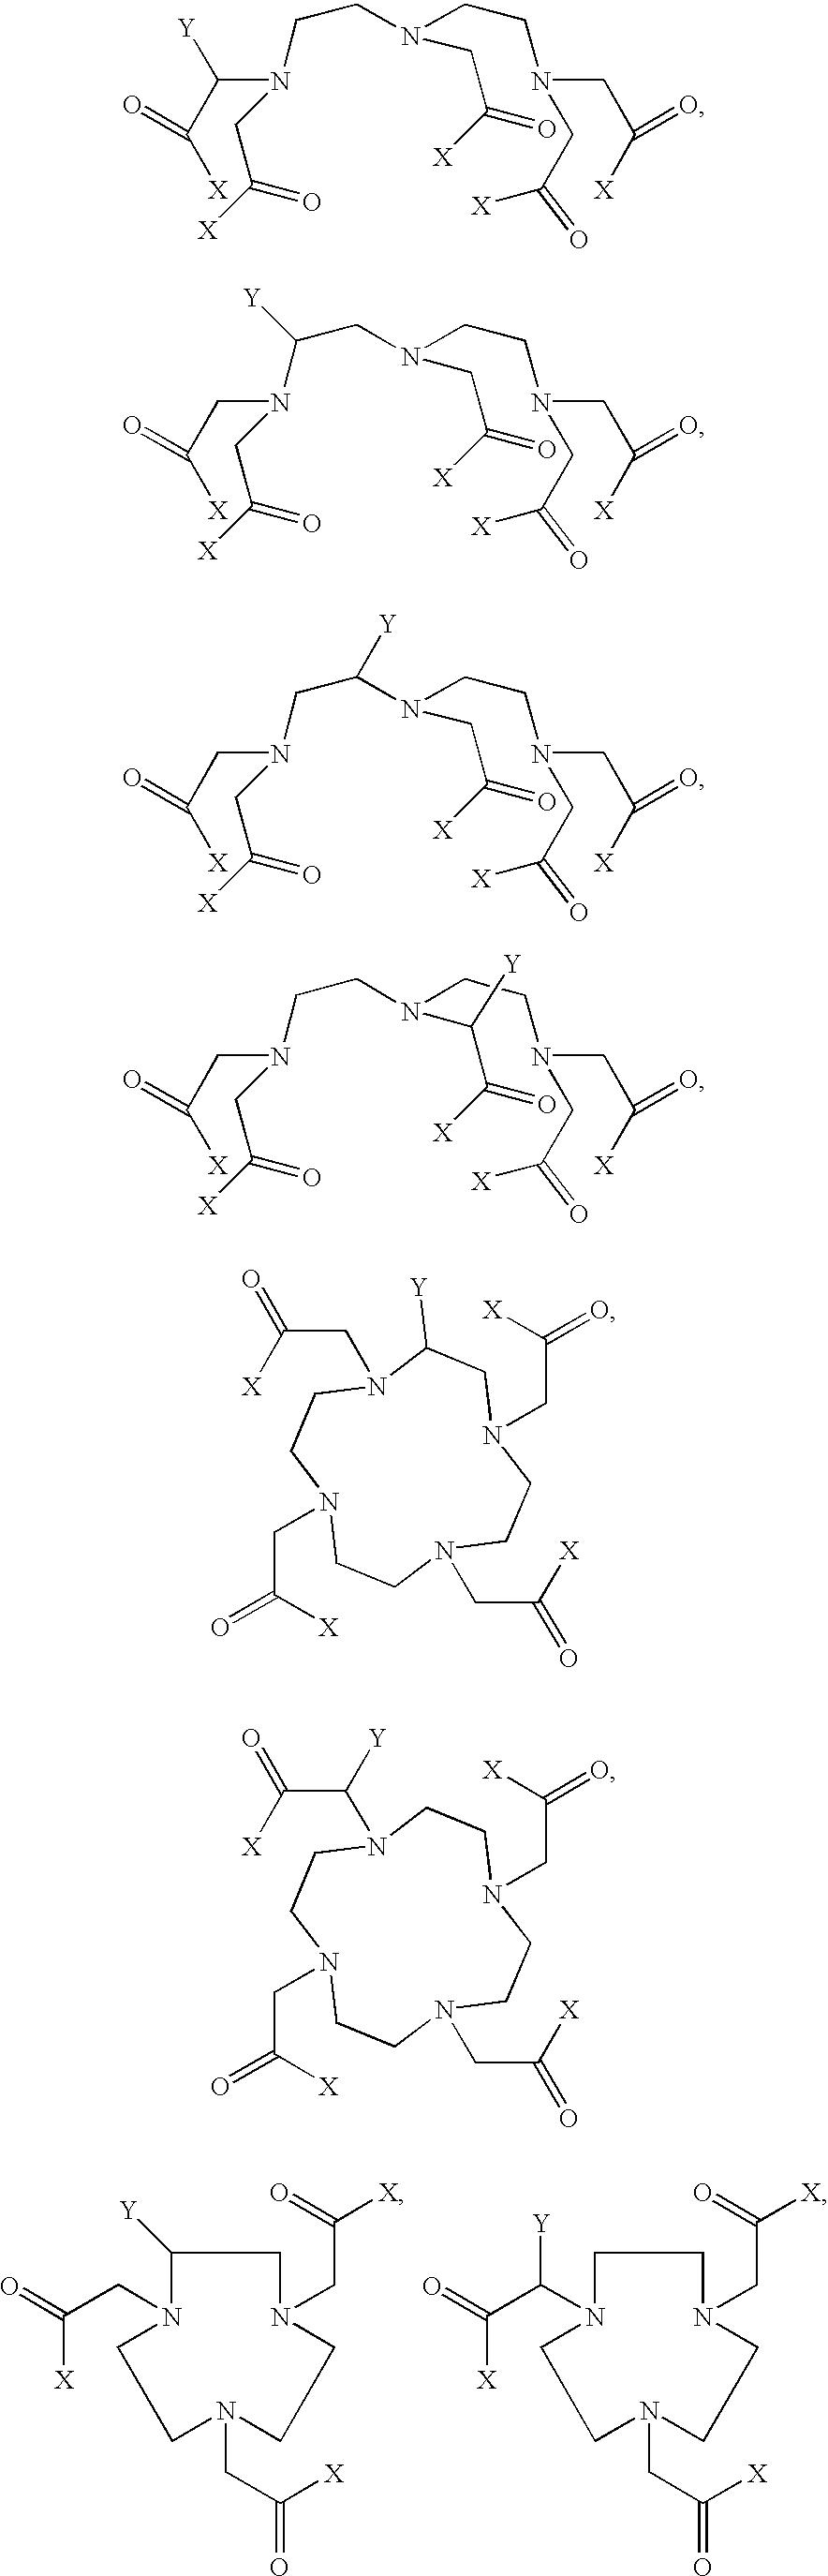 Figure US20030180222A1-20030925-C00061